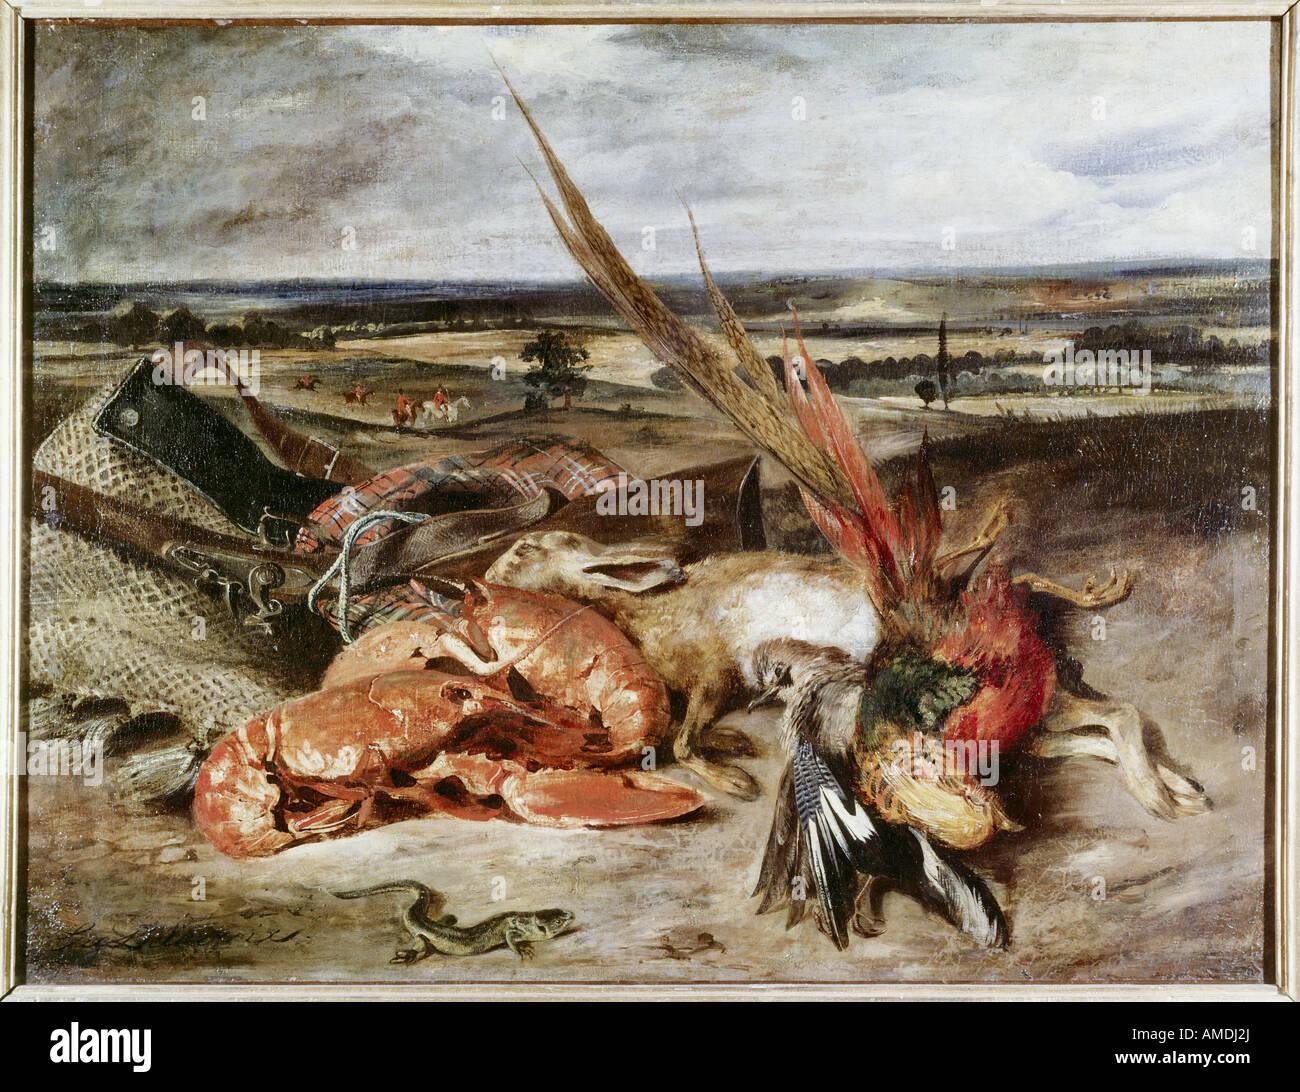 """""""Fine Arts, Delacroix, Eugene (1798-1863), Malerei,""""Stillleben mit Hummer"""", 1826/1827, Öl auf Stockbild"""